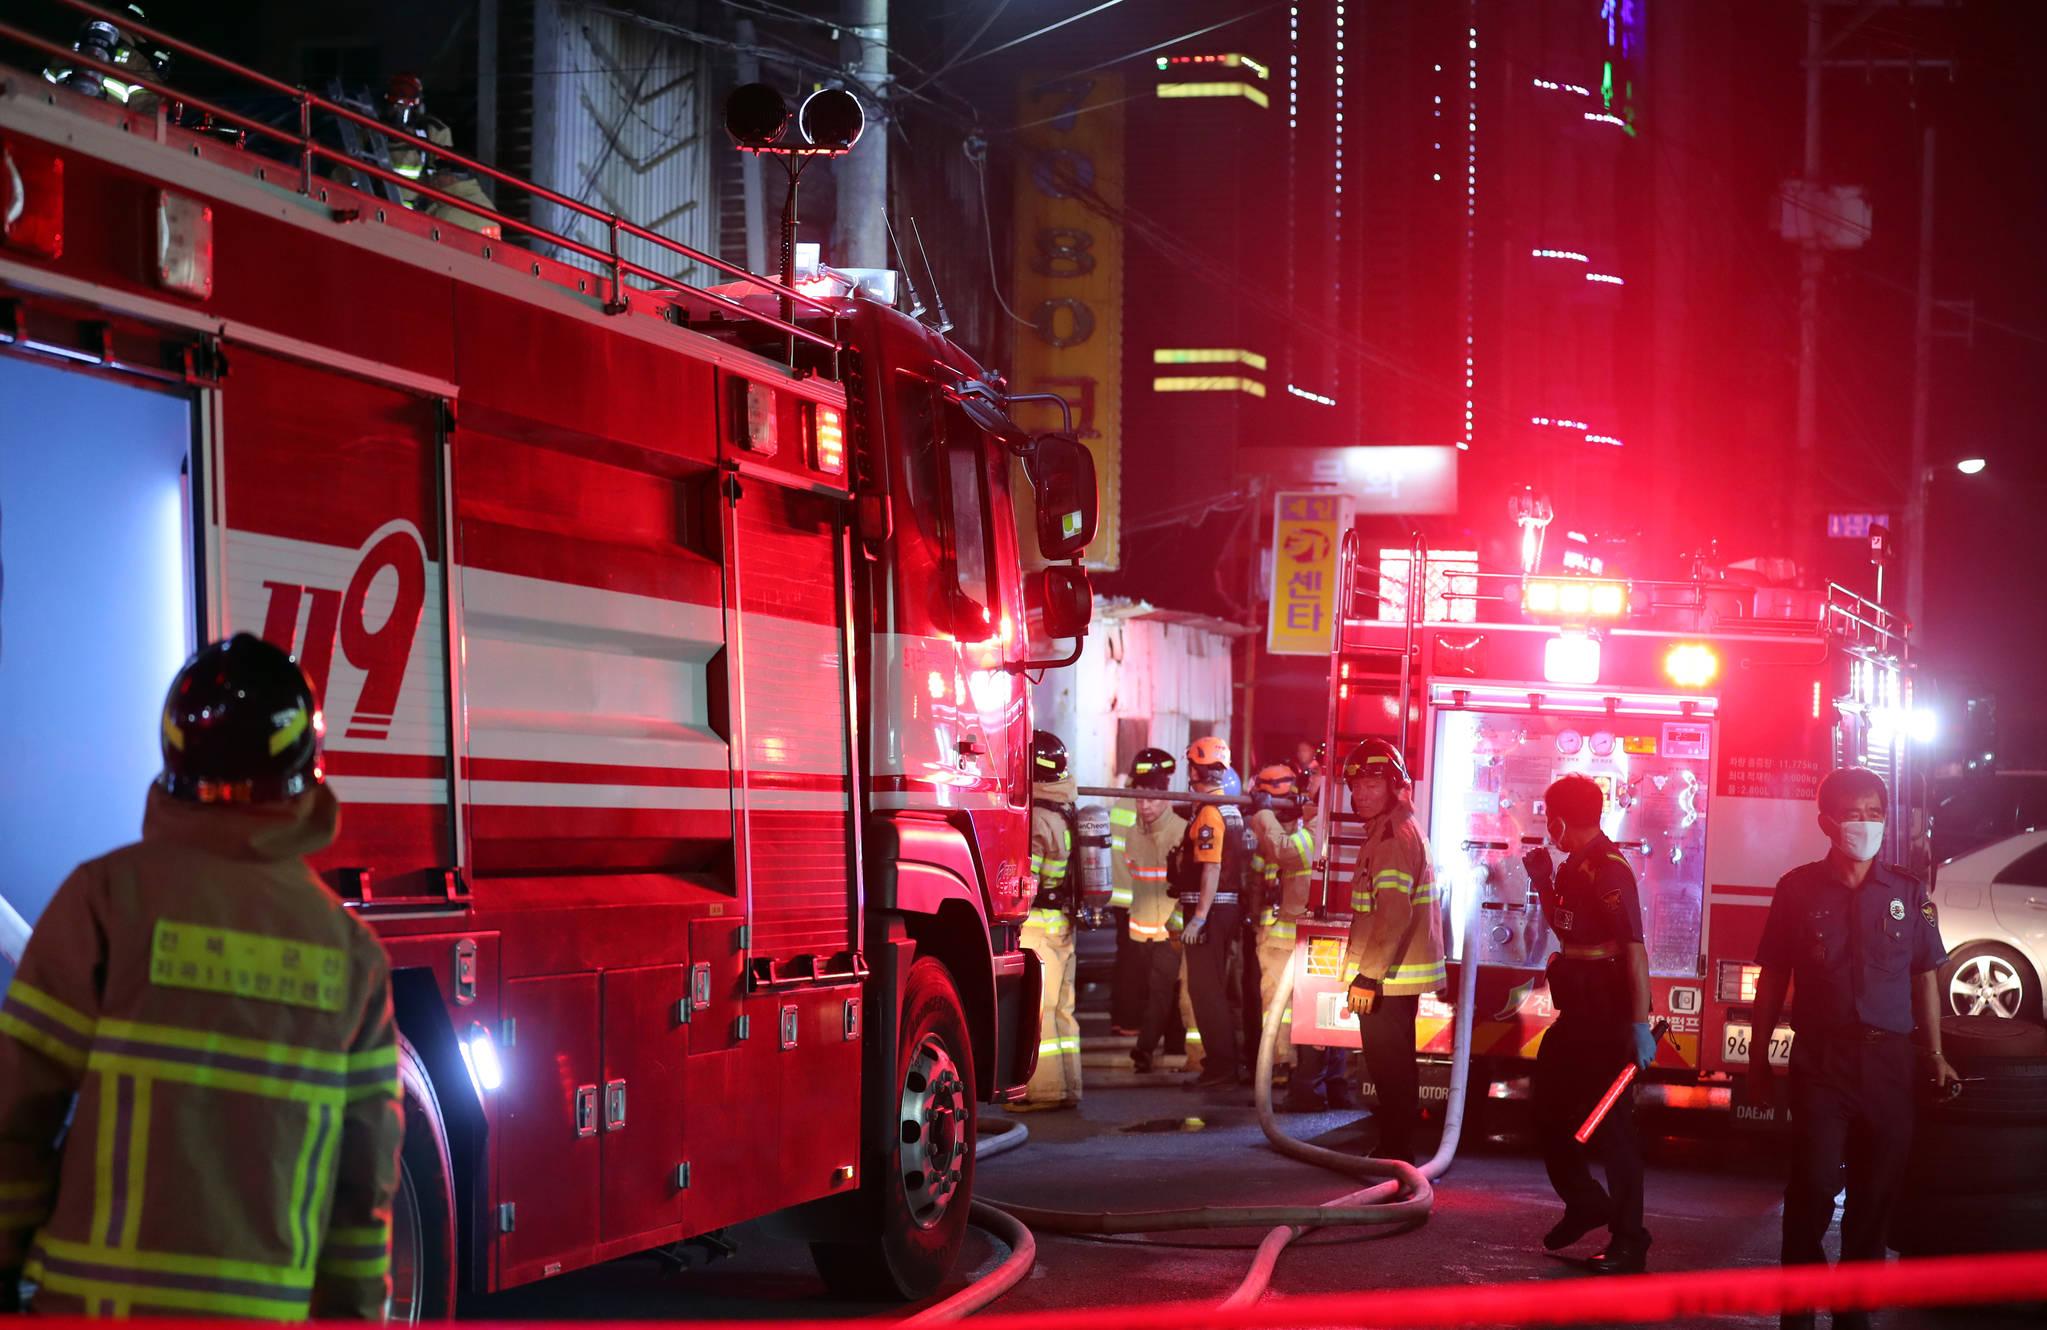 17일 오후 9시 53분쯤 전북 군산시 장미동 한 유흥주점에서 불이 나 소방대원이 구조작업을 하고 있다.[연합뉴스]